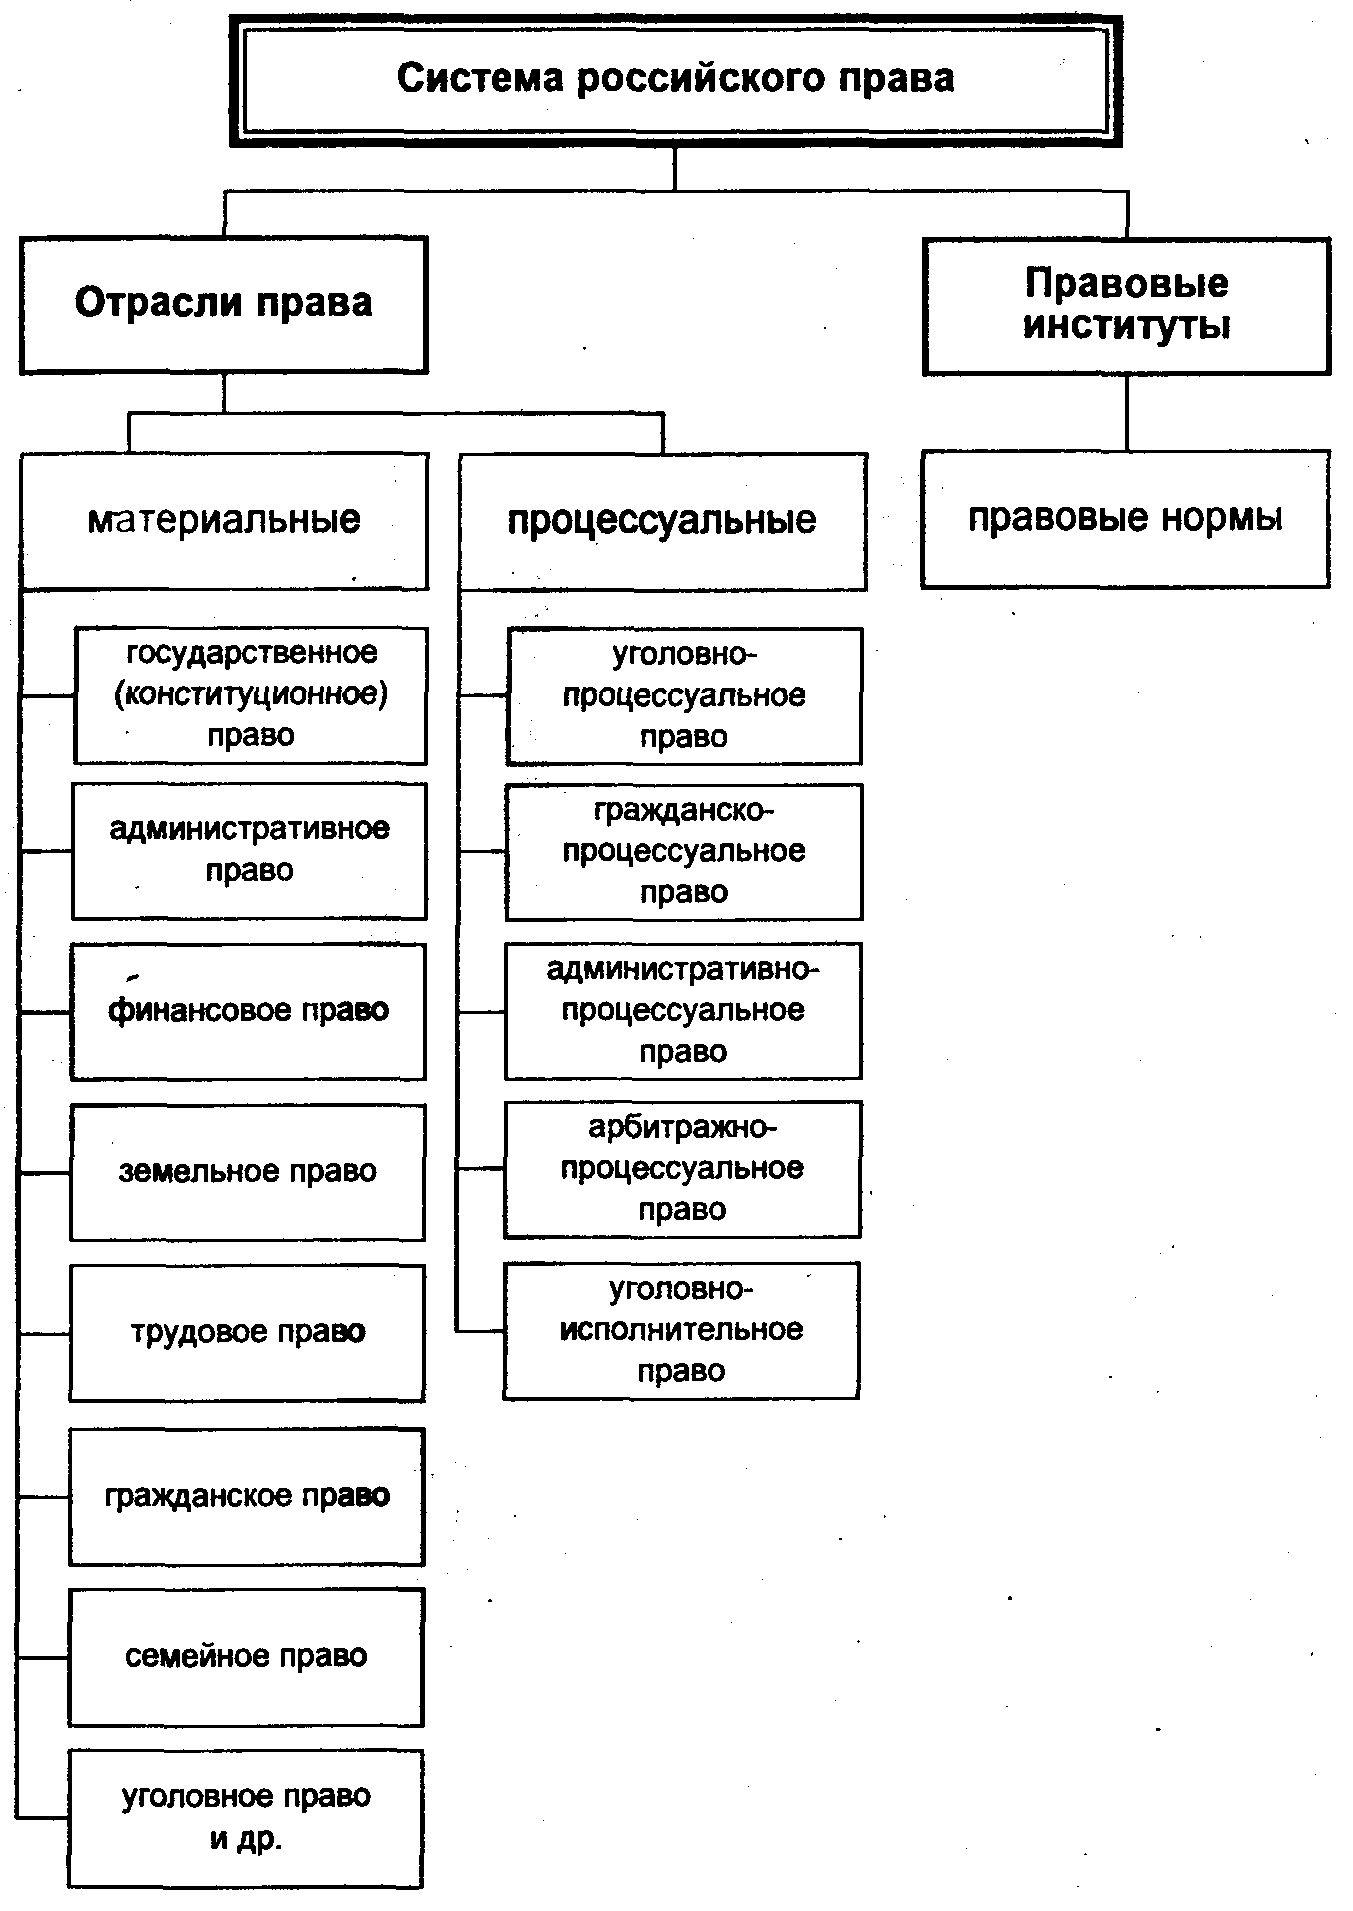 Административное право как отрасль права доклад 4694